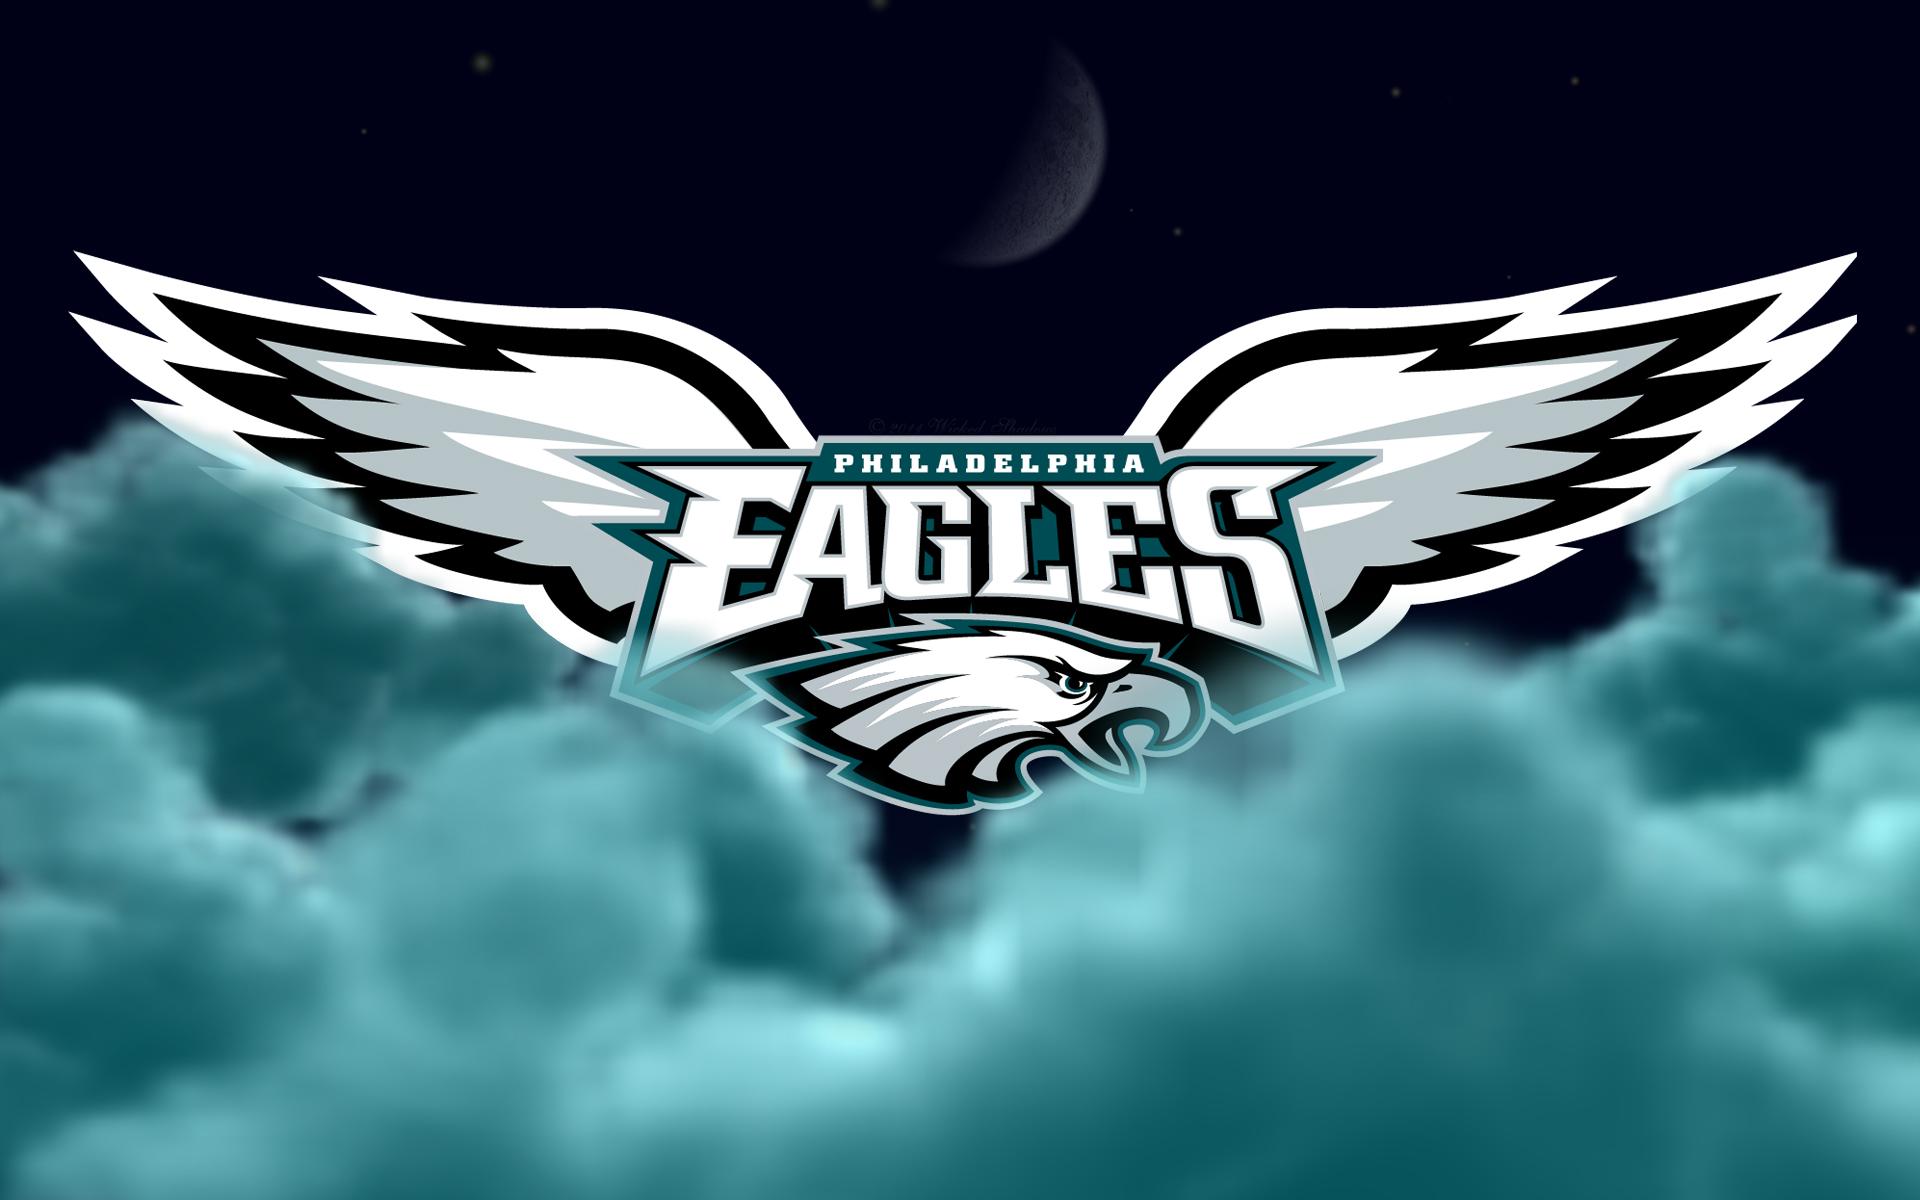 Philadelphia Eagles 2011 Wallpaper